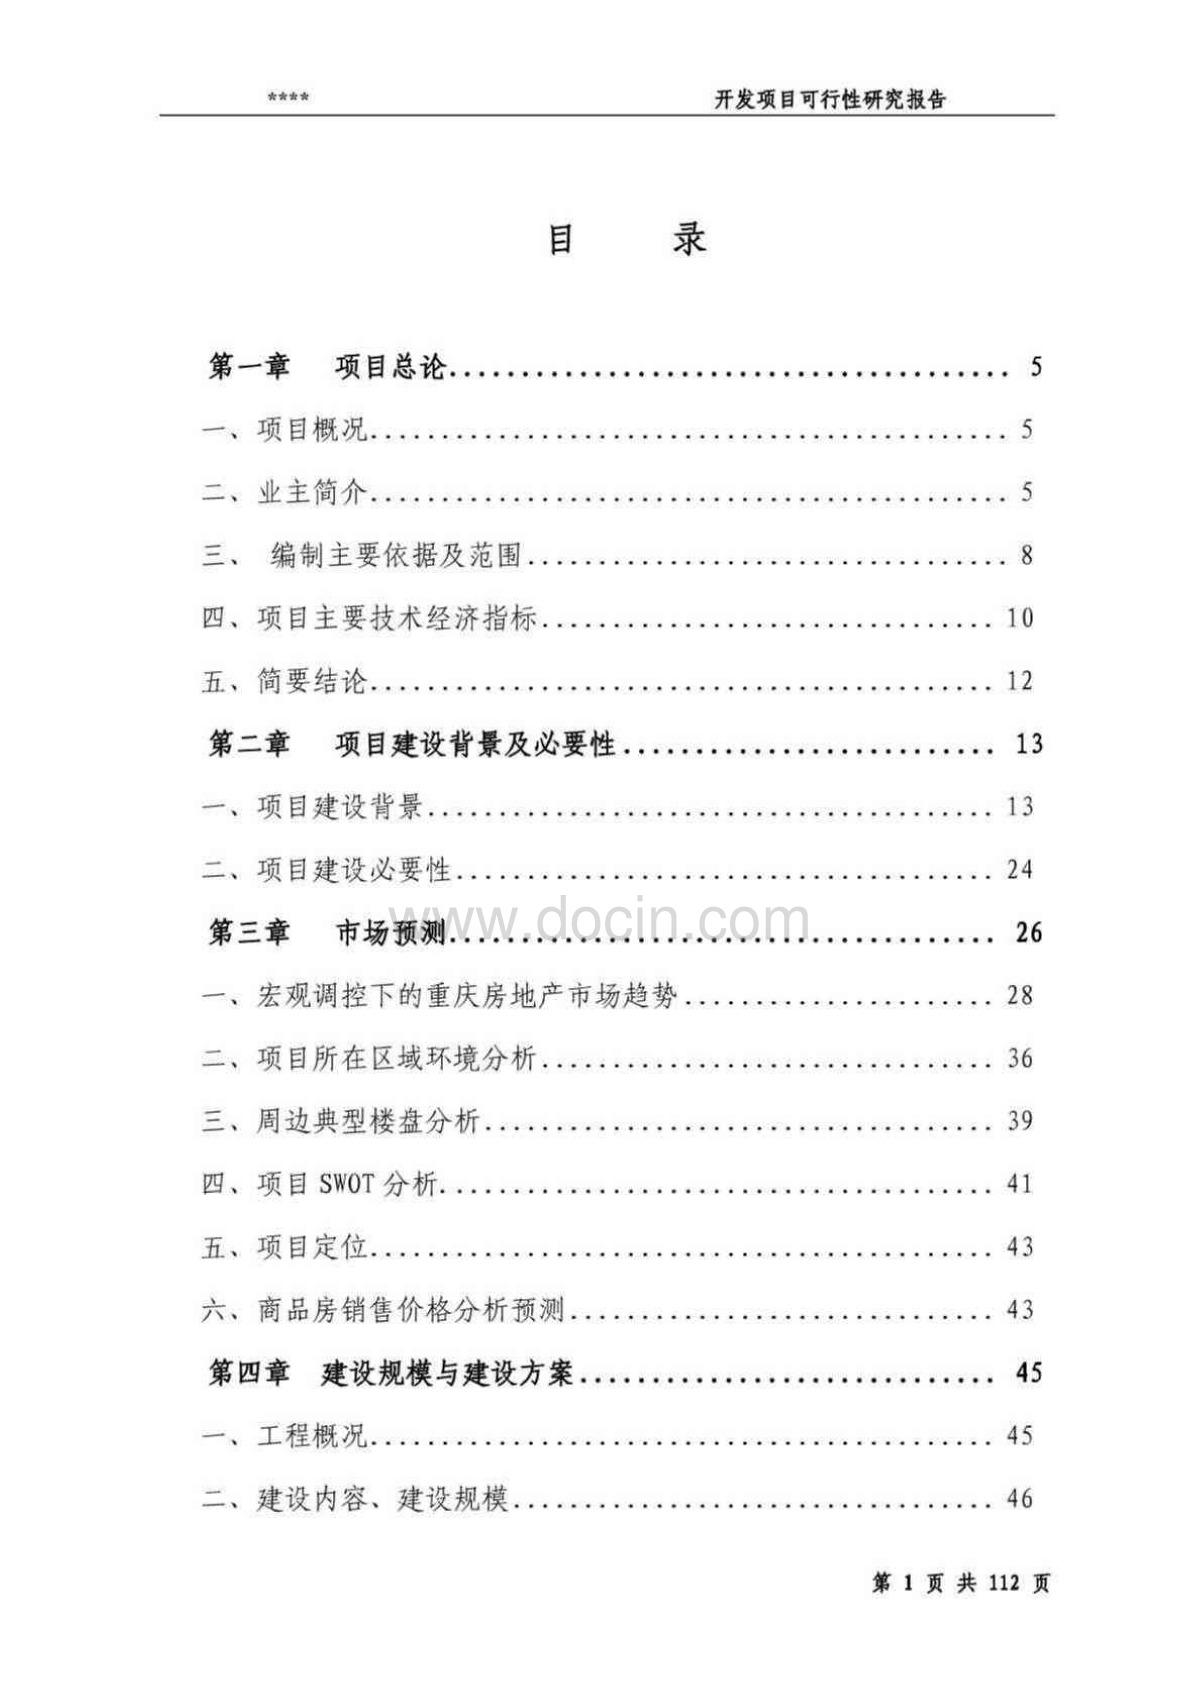 某房地产开发项目可行性研究报告(优秀房地产可研报告p112页)图片1